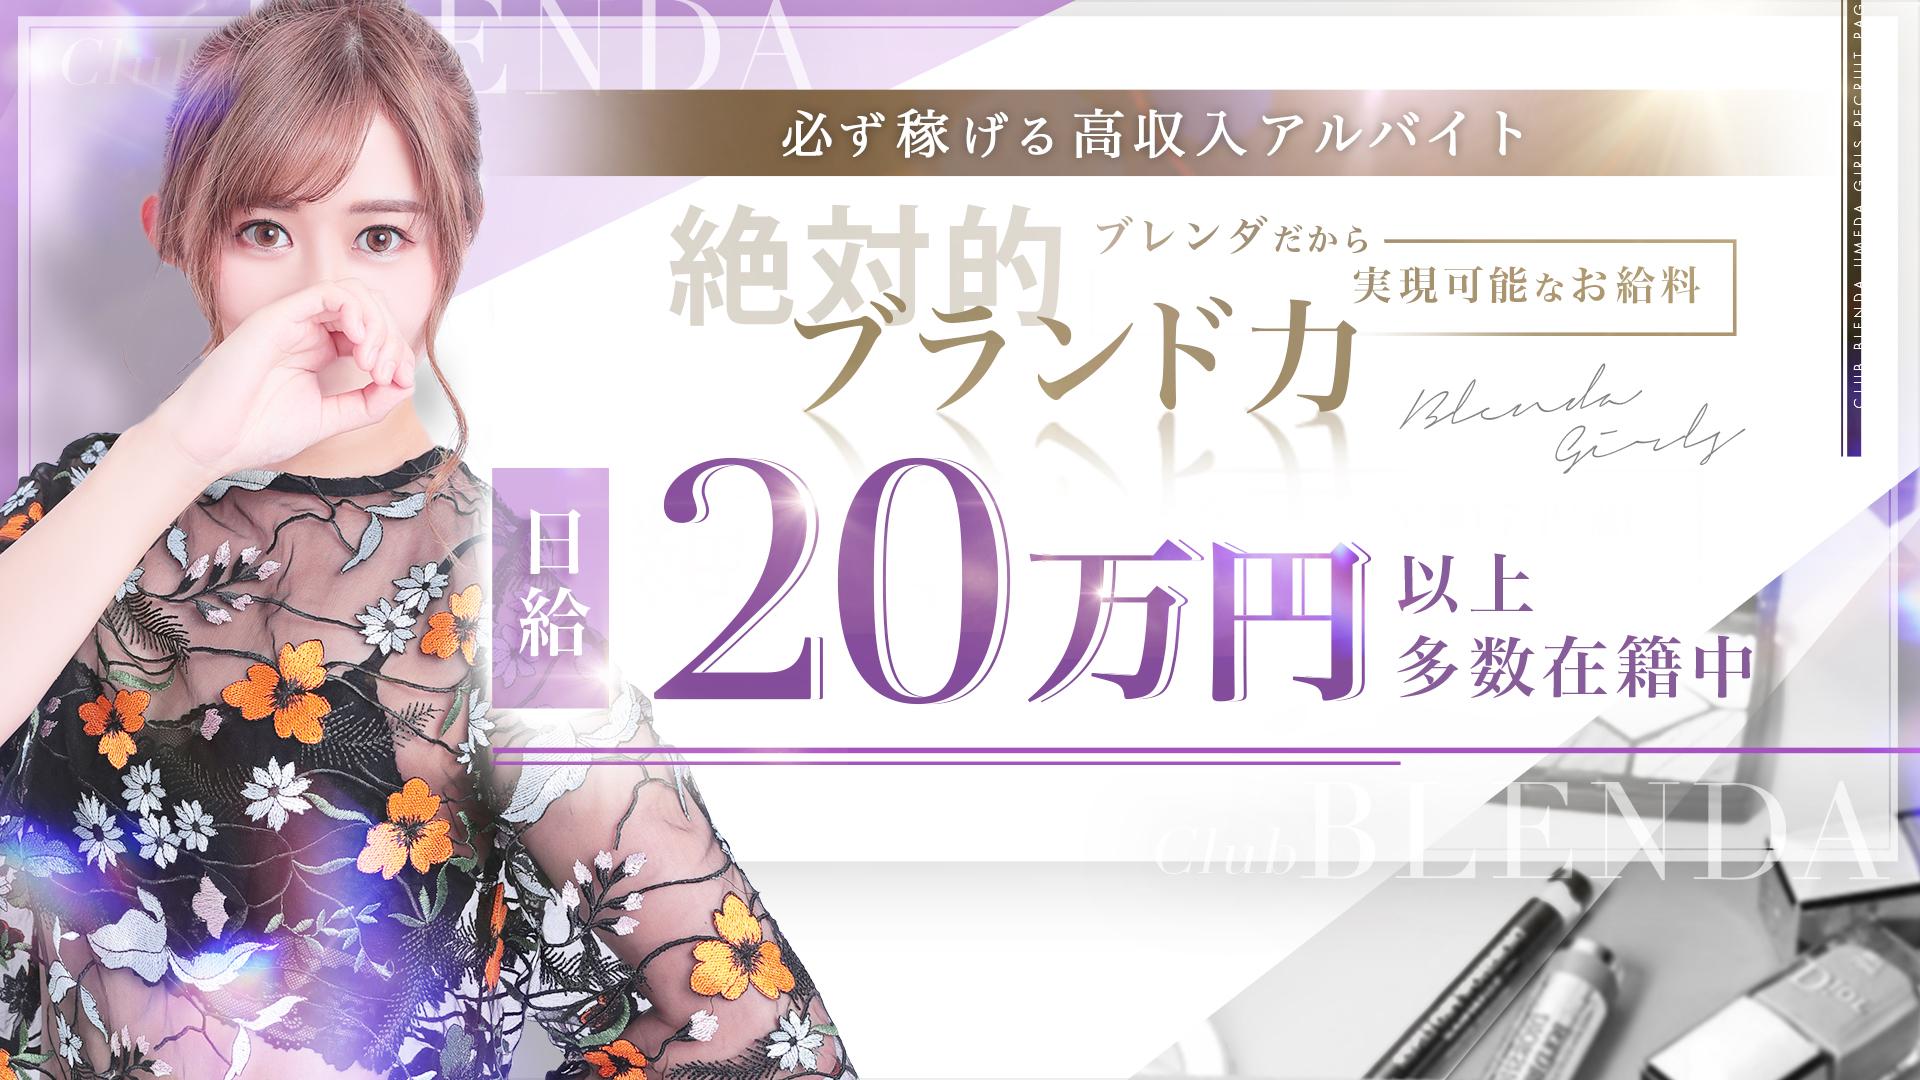 CLUB BLENDA(ブレンダ) 梅田北店の求人画像